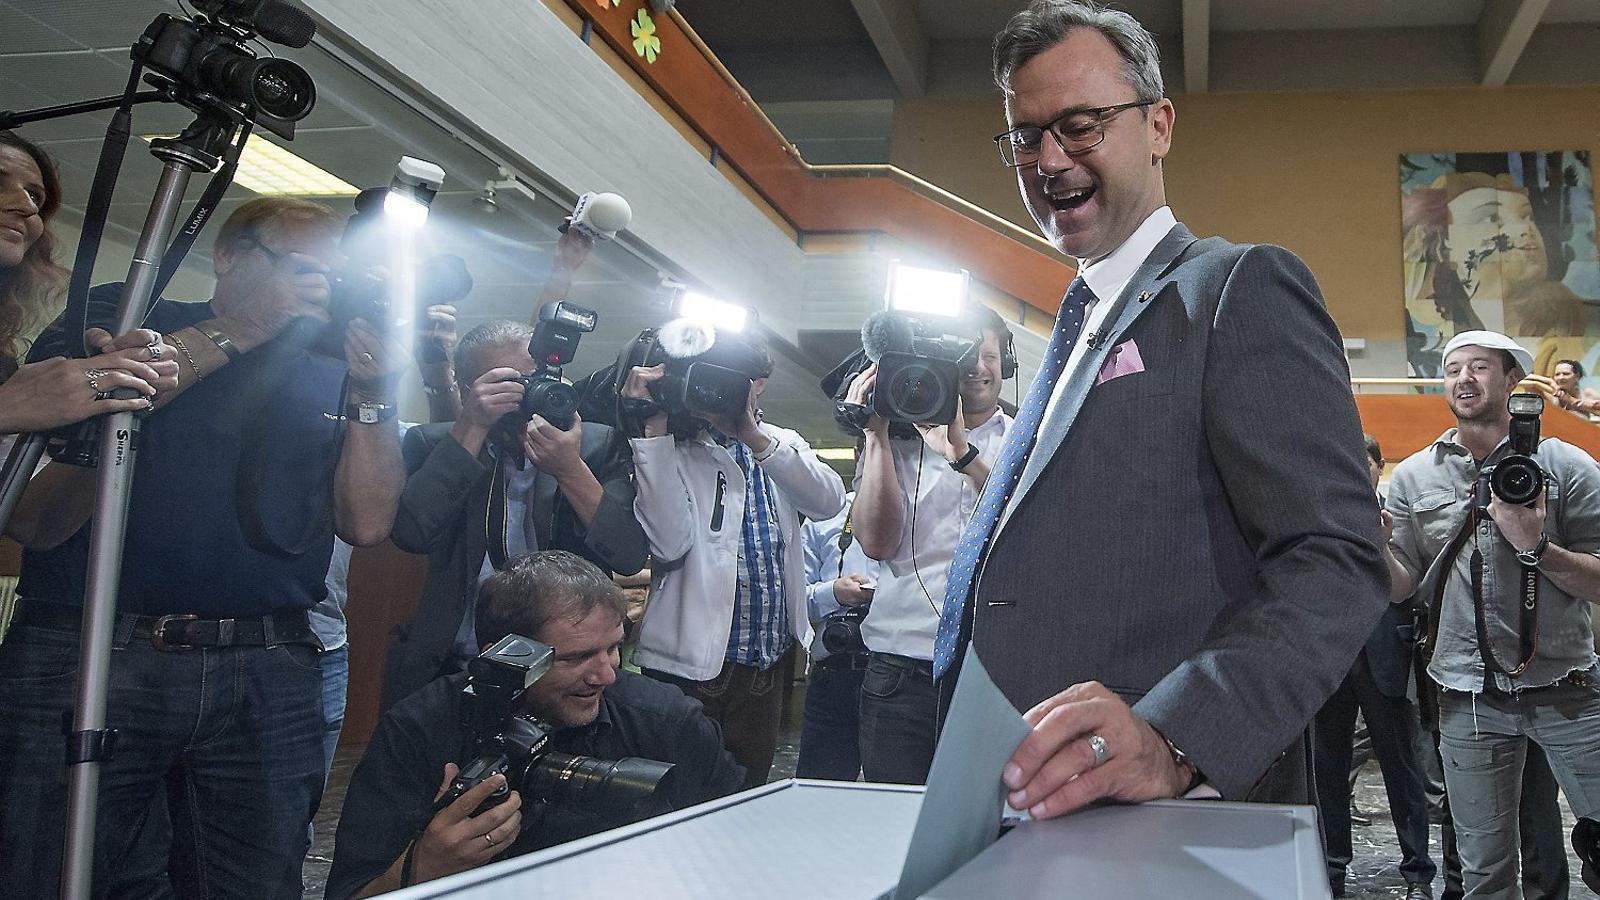 Hofer, candidat a president de l'FPÖ, votant ahir a les eleccions a Àustria.